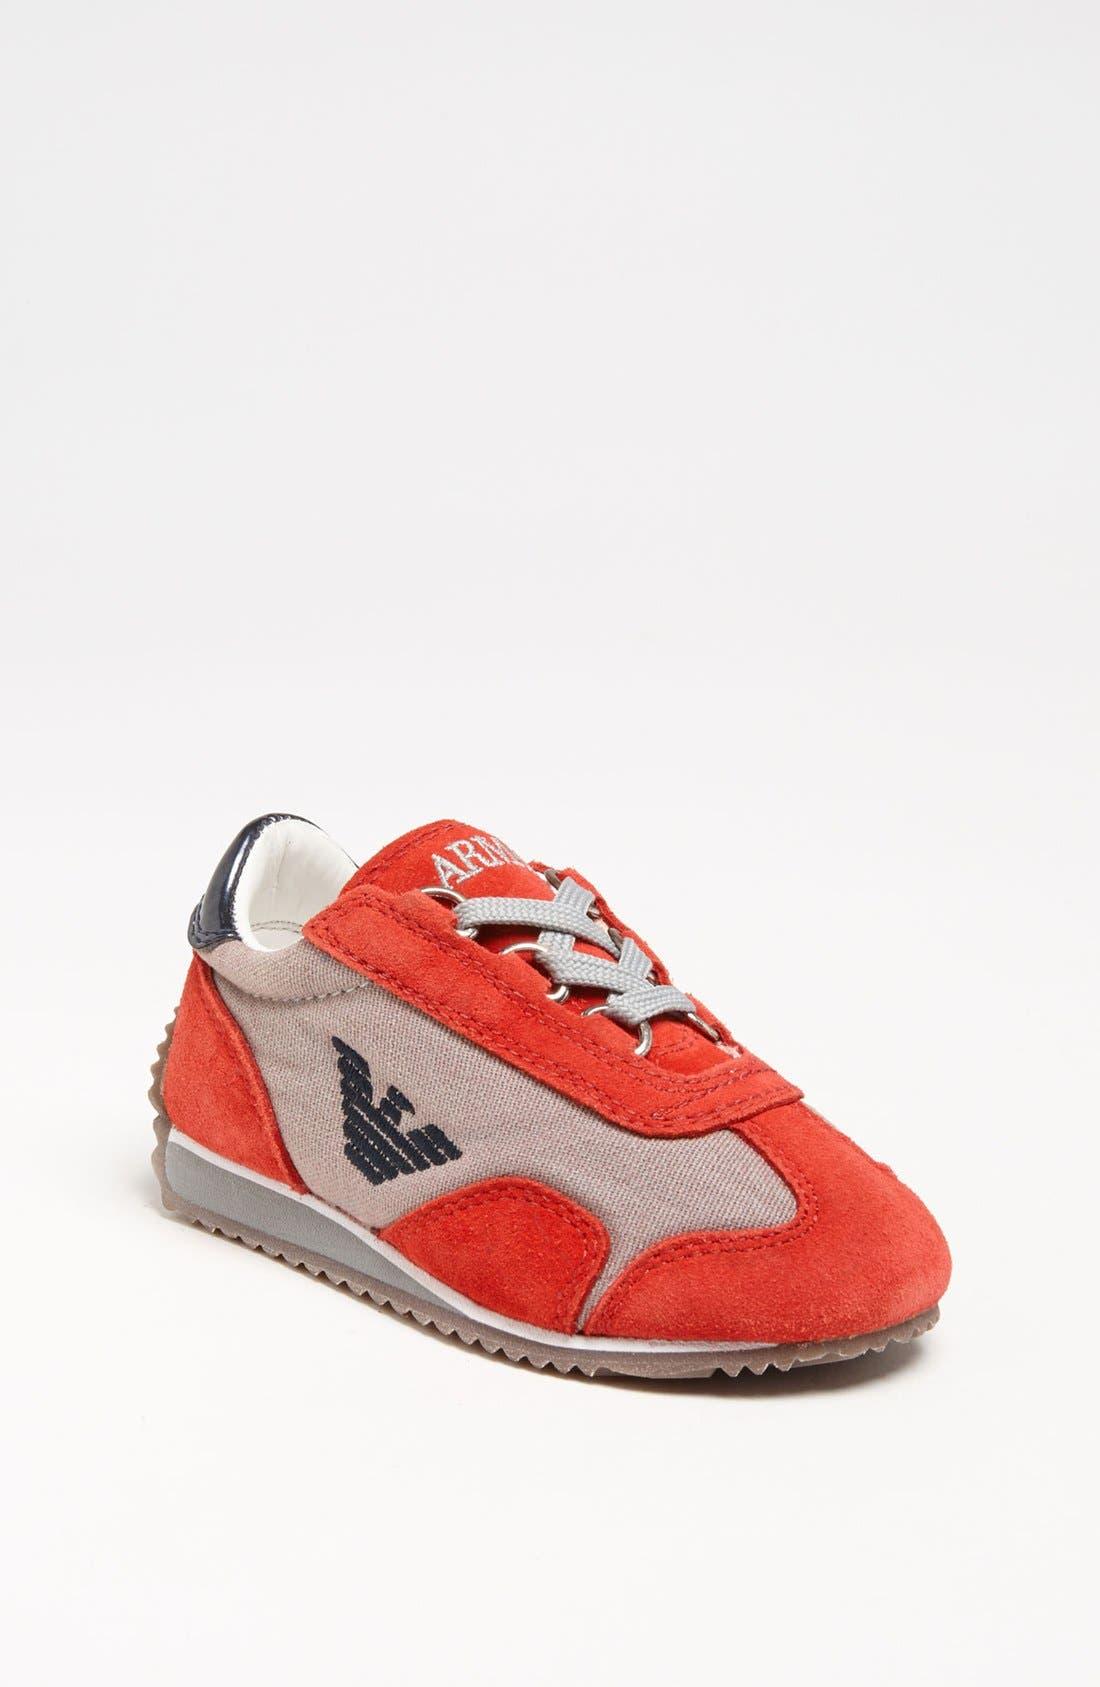 Alternate Image 1 Selected - Armani Junior Sneaker (Walker & Toddler)